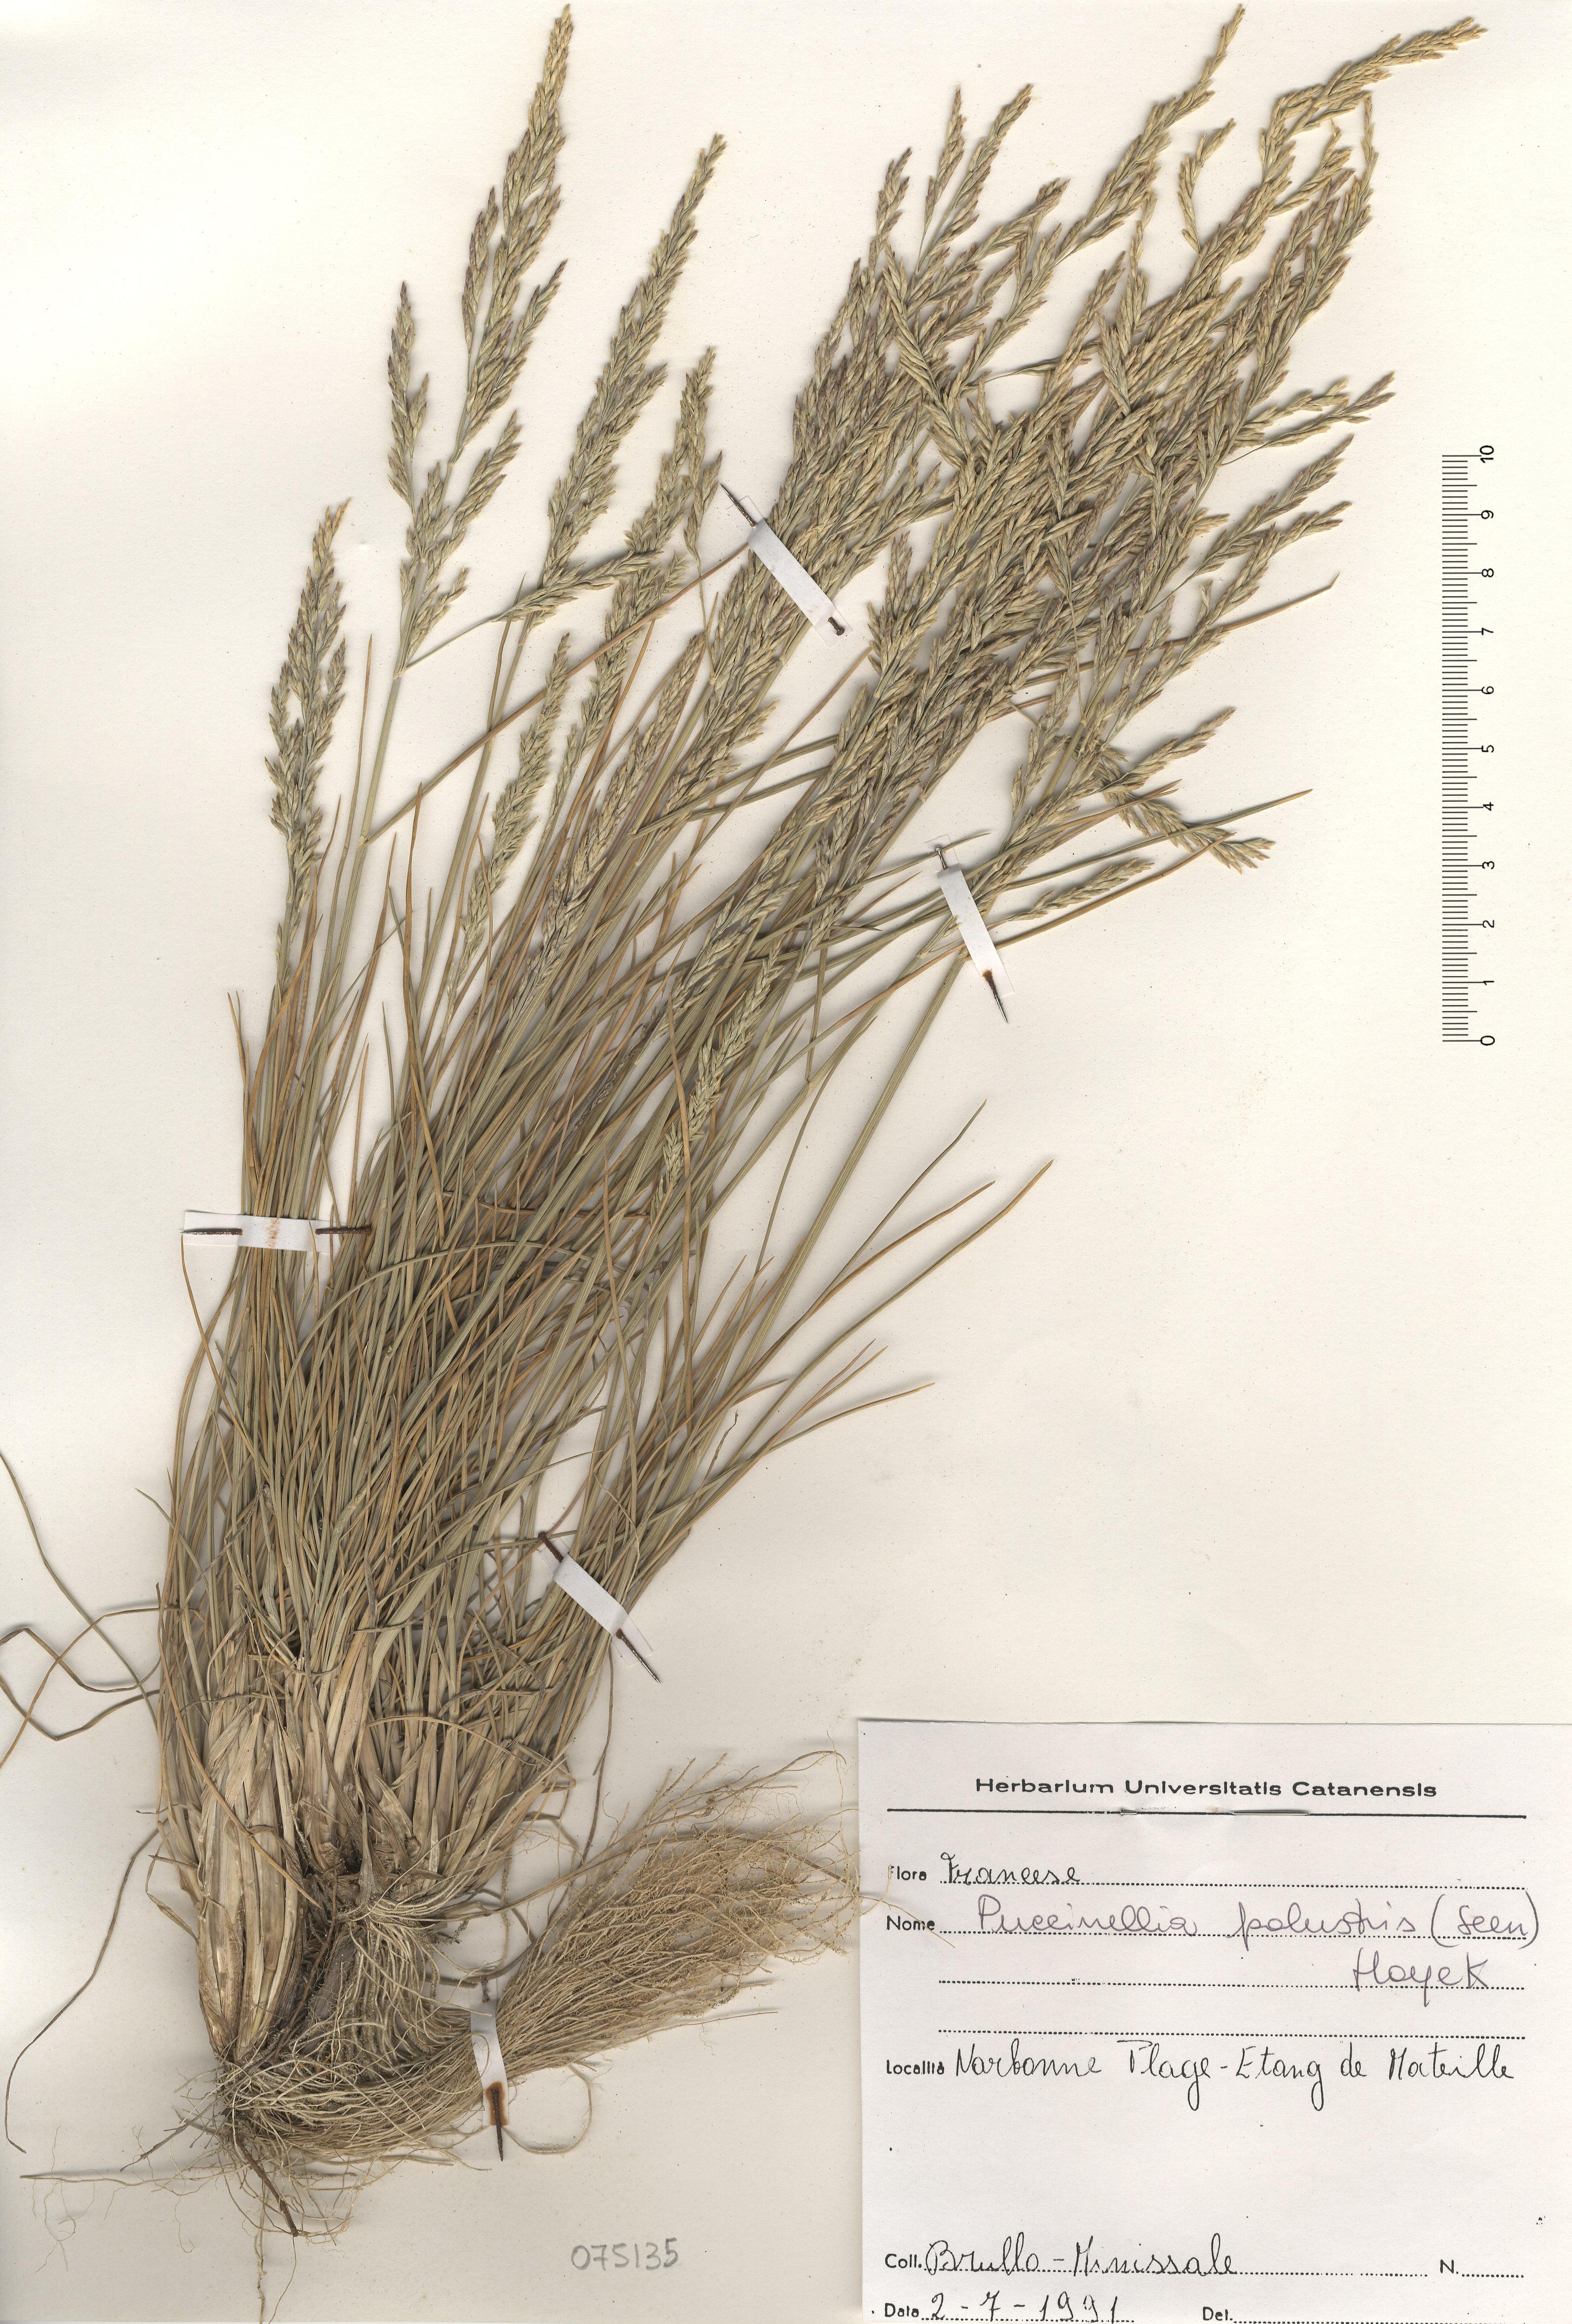 © Hortus Botanicus Catinensis - Herb. sheet 075135<br>